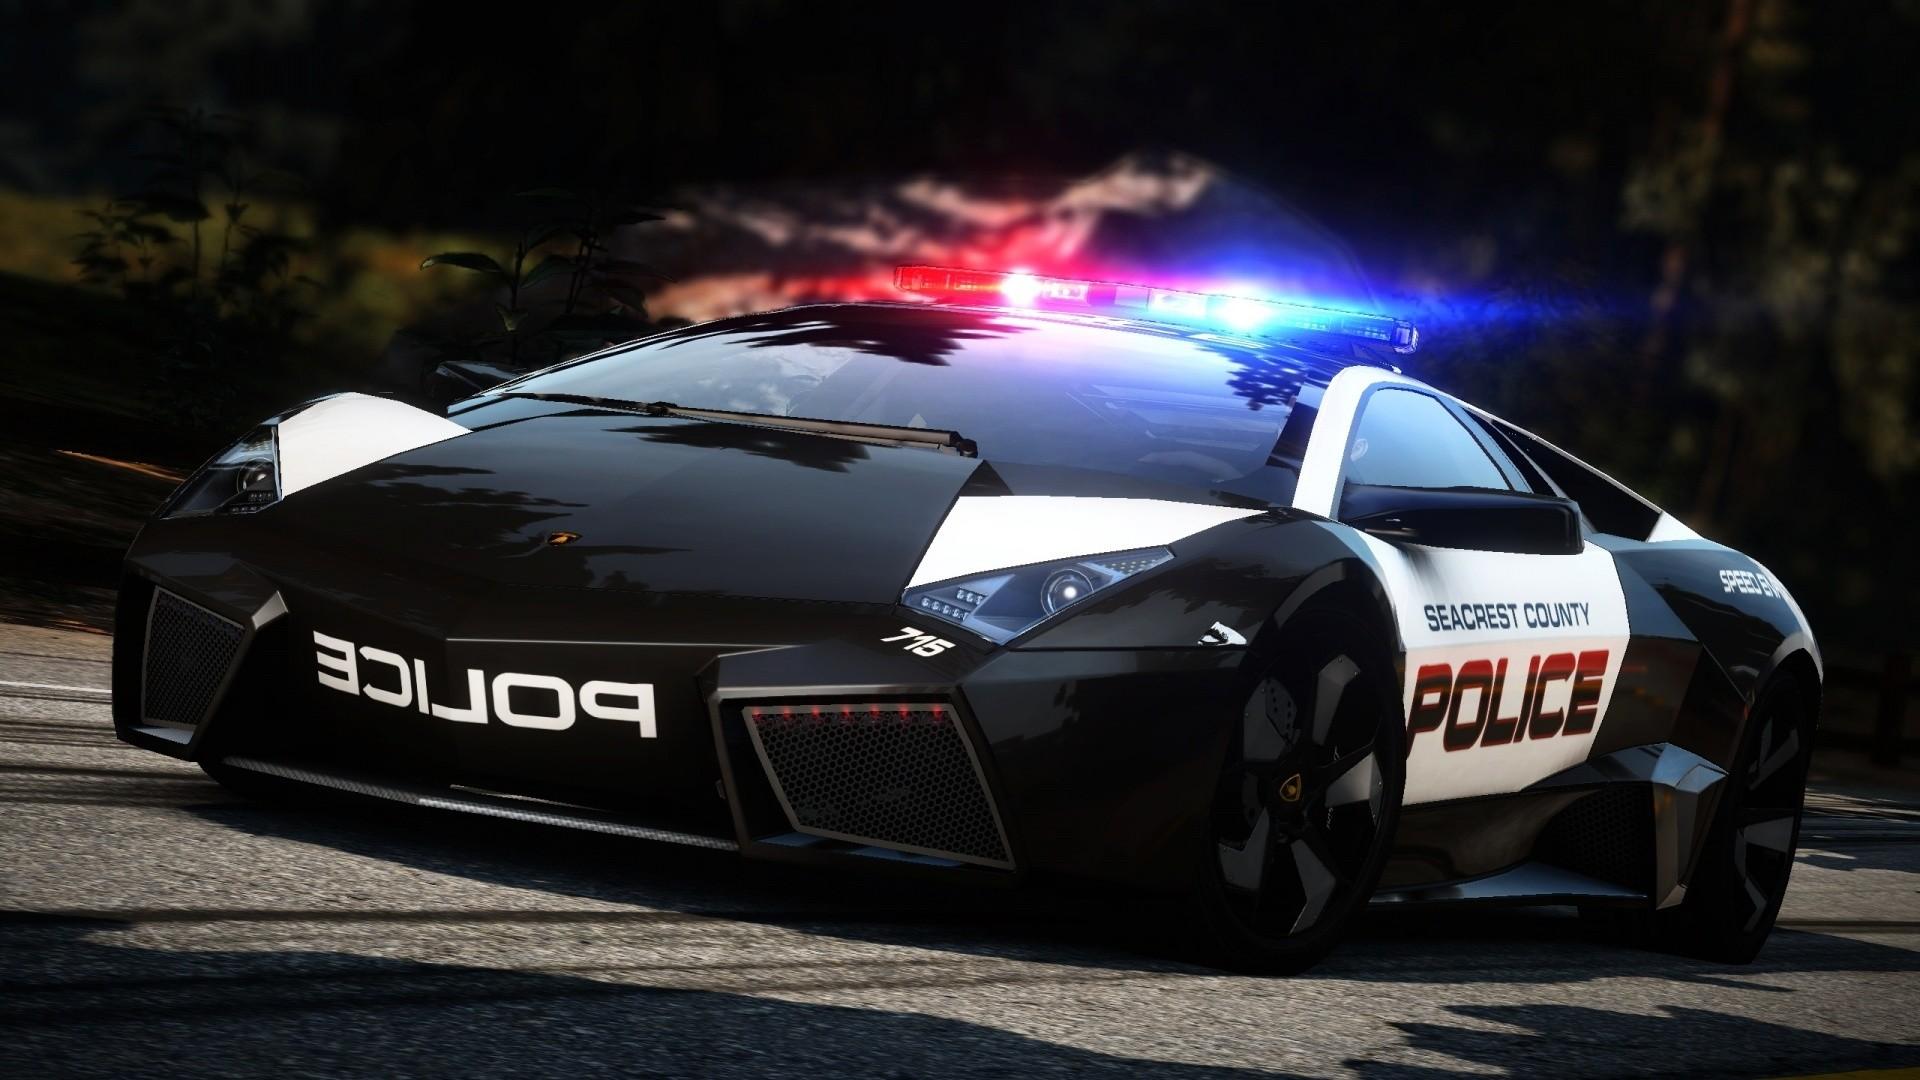 Cool Lamborghini Aventador Wallpapers. Download Lamborghini Aventador  Police Car Hd Wallpapers · Novitec Torado Lamborghini